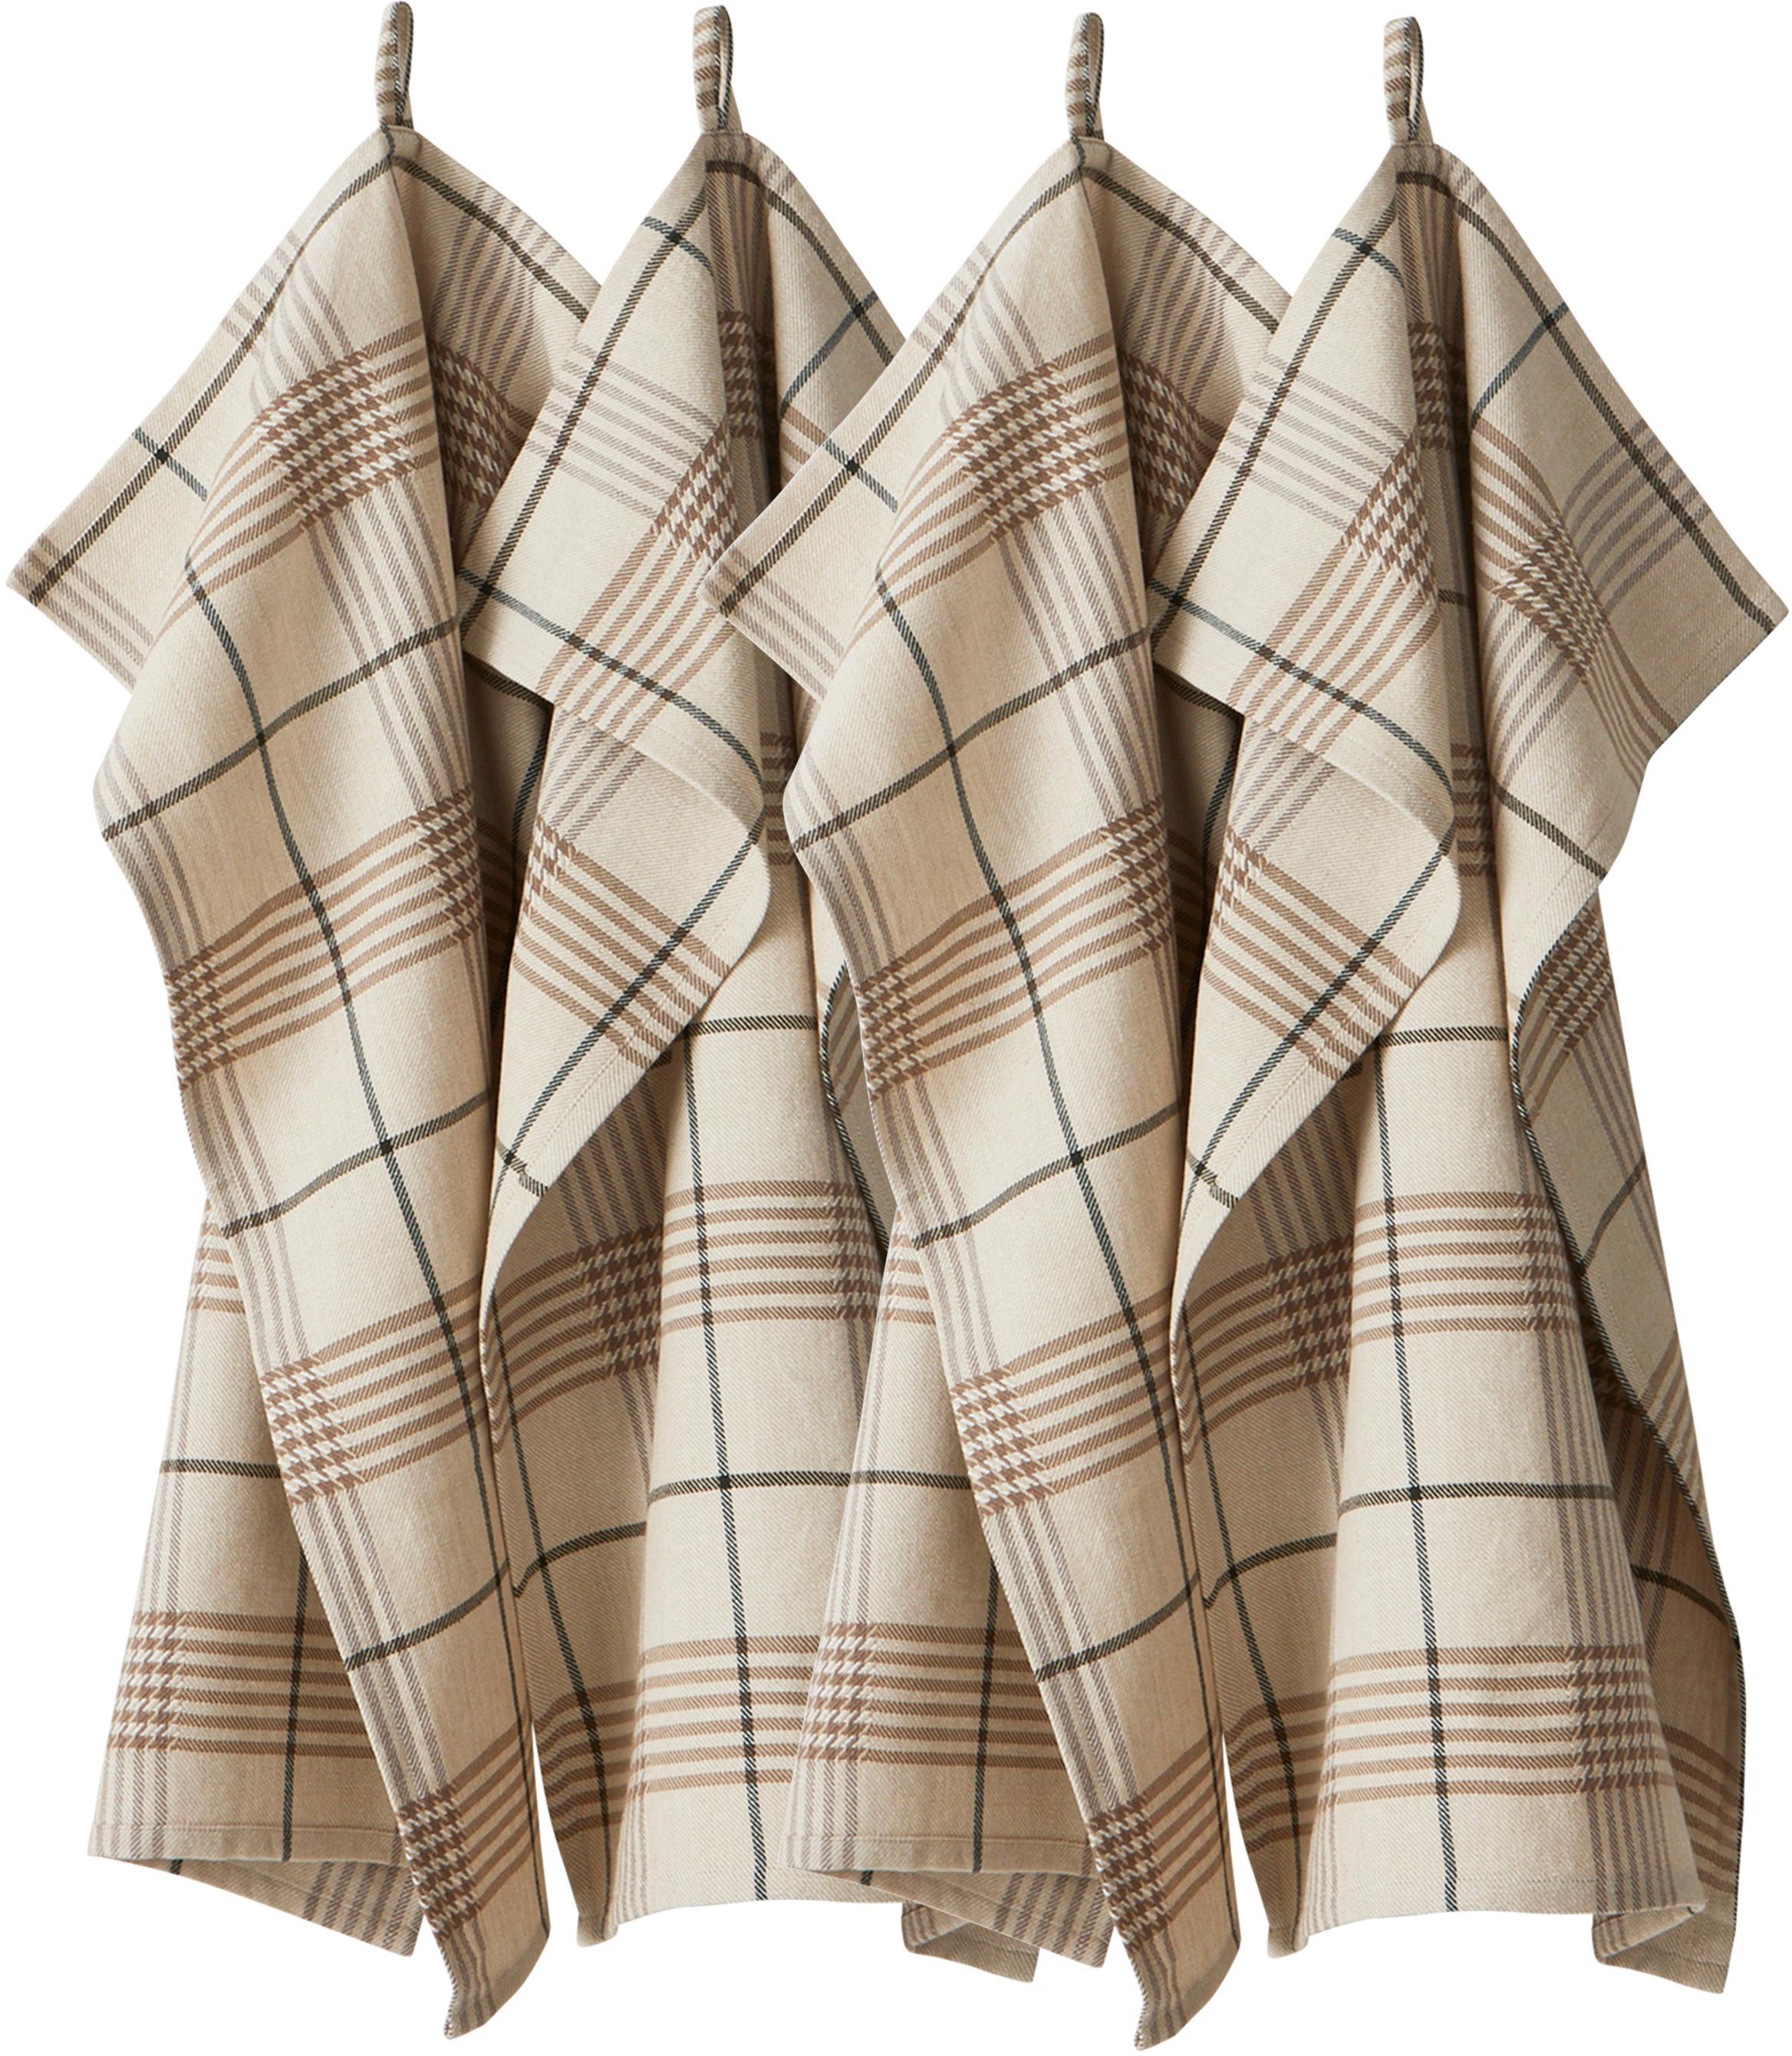 Geschirrtücher Ellery, 4 Stück, 100% Baumwolle, aus nachhaltigem Baumwollanbau, Beige, Brauntöne, 50 x 70 cm